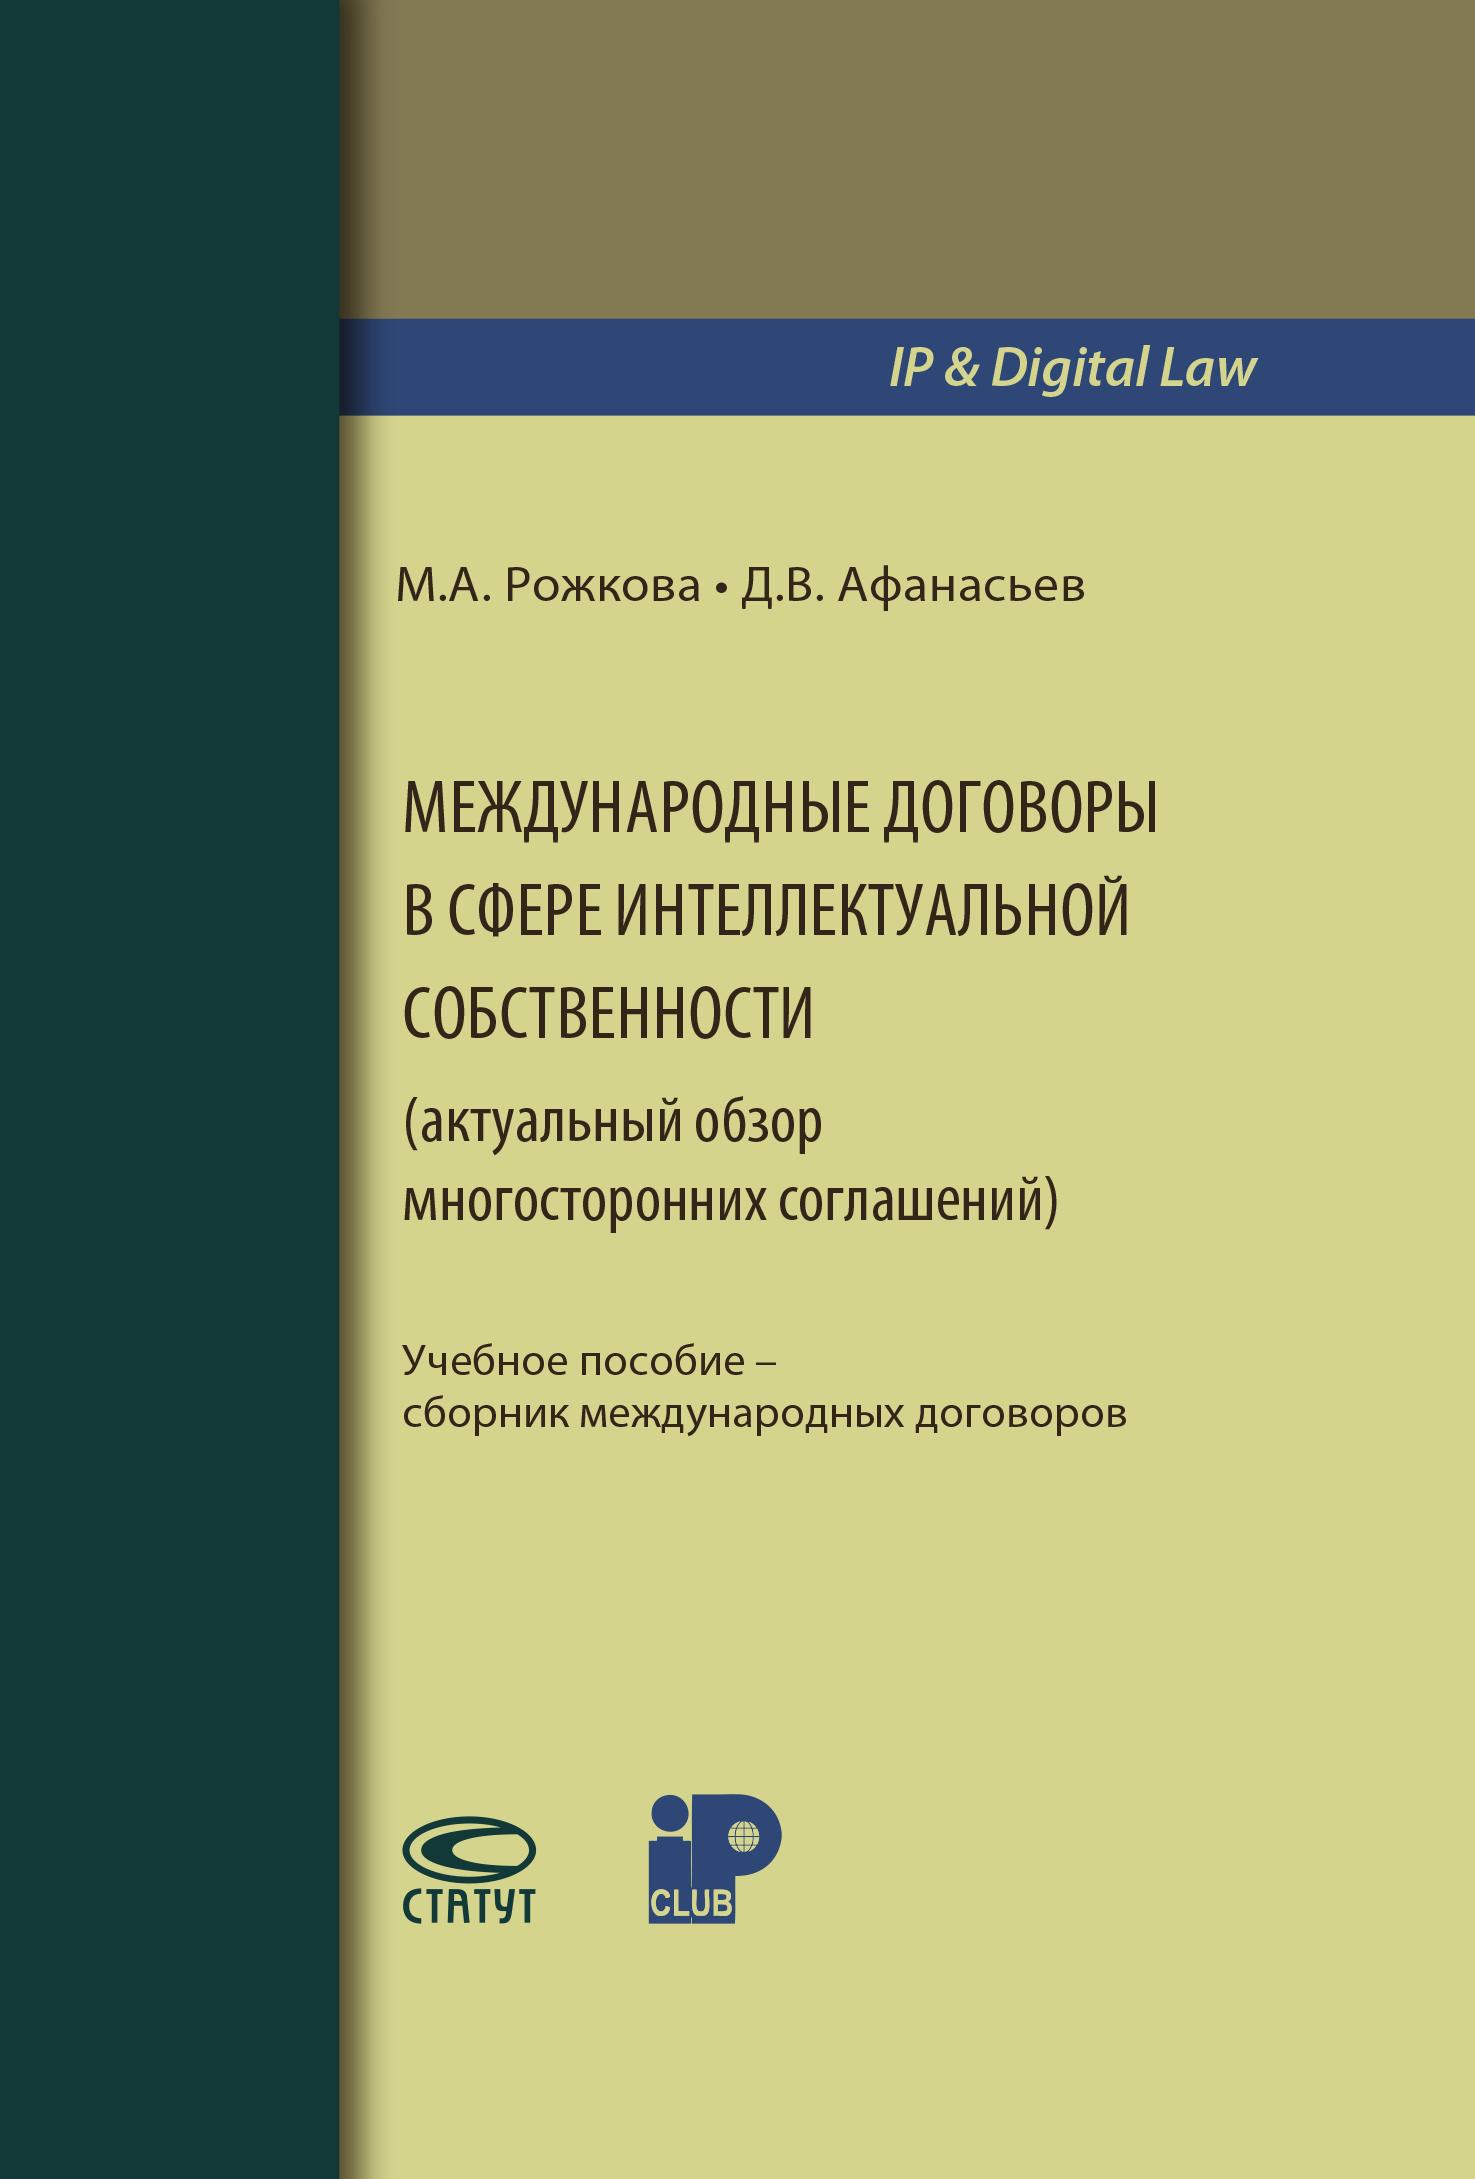 Международные договоры в сфере интеллектуальной собственности (актуальный обзор многосторонних соглашений)